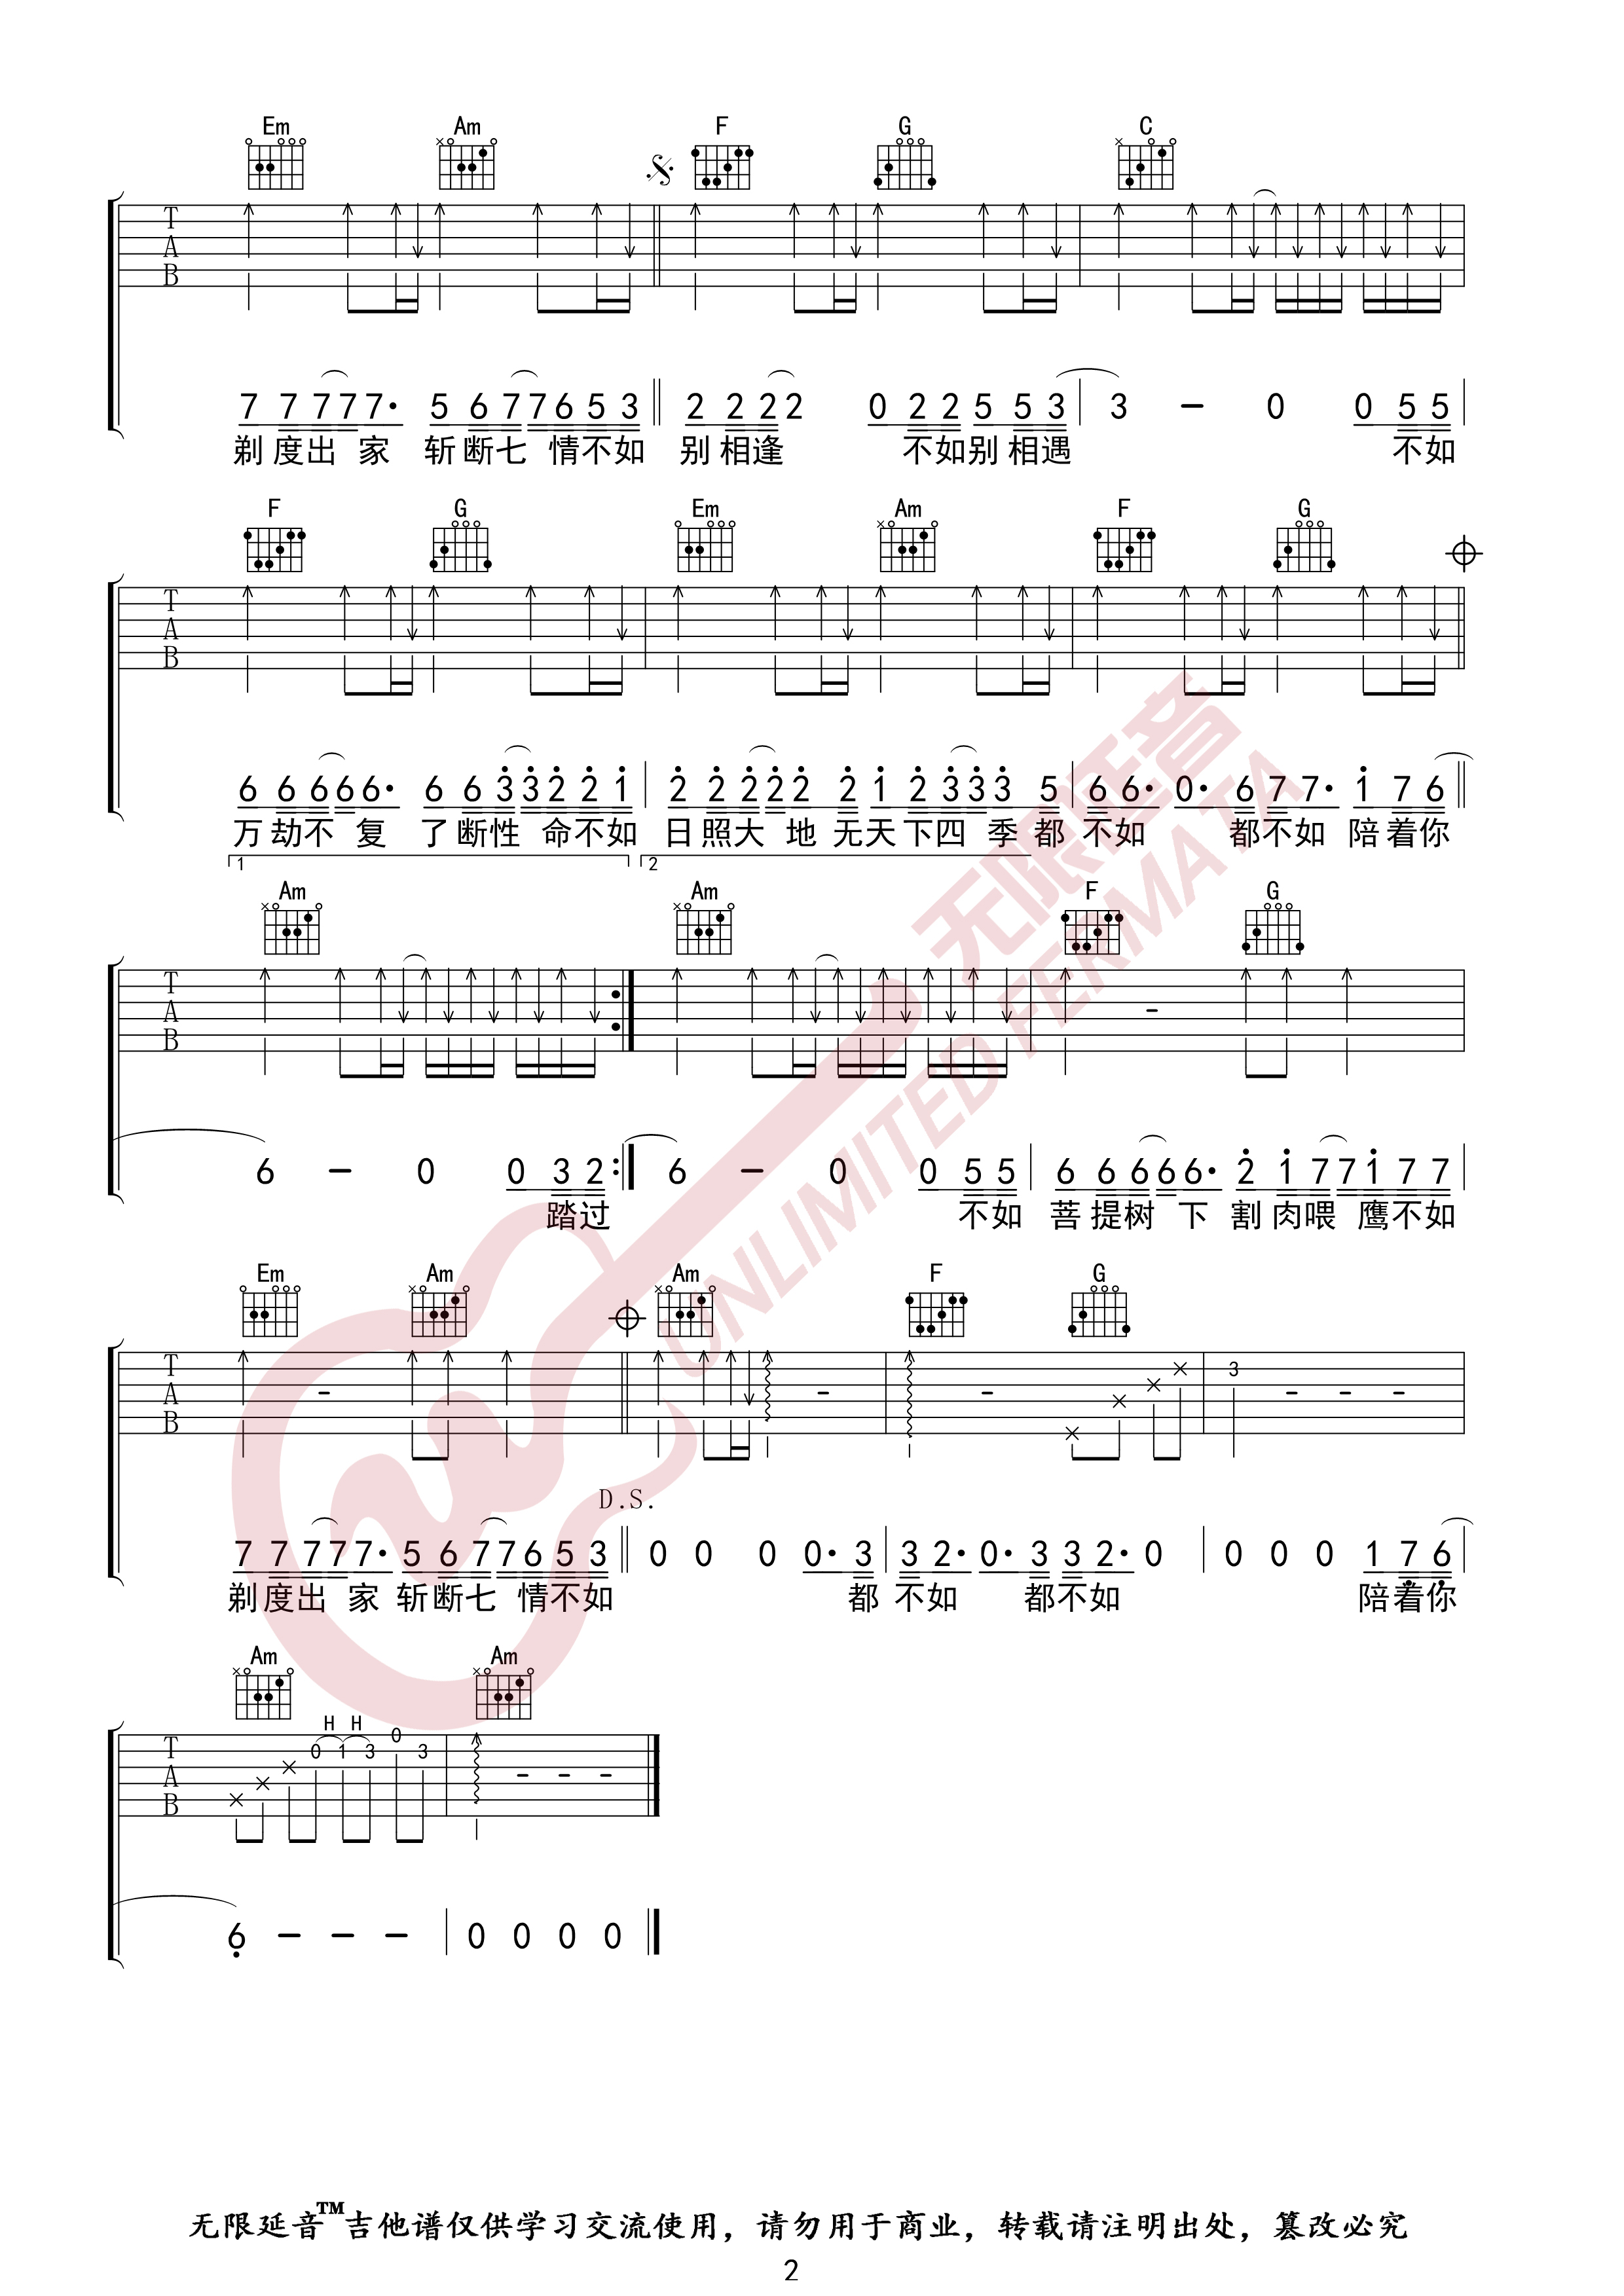 姬和不如(无限延音编配)吉他谱(图片谱,无限延音编配,弹唱)_隔壁老樊(樊凯杰)_姬和不如02.jpg